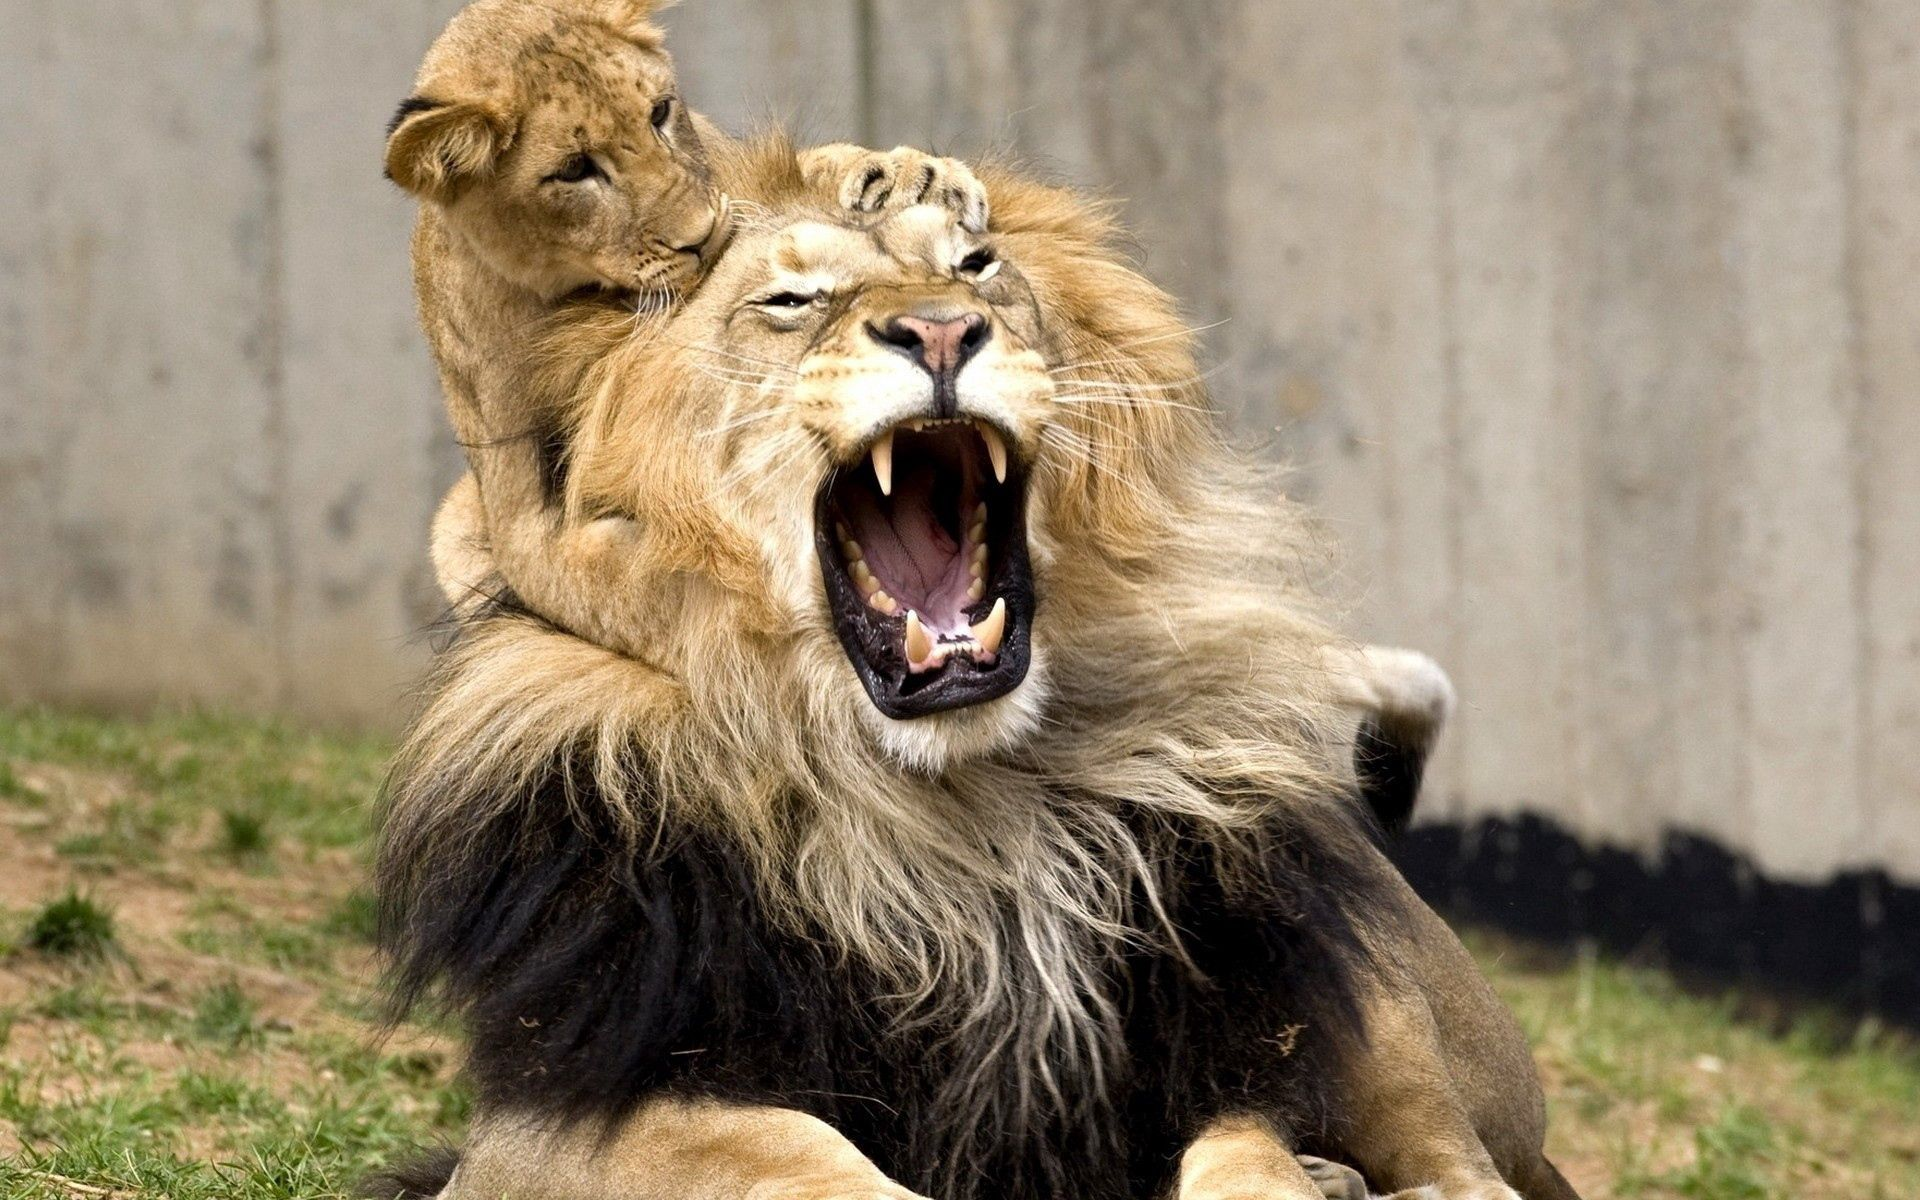 152986 Hintergrundbild herunterladen Tiere, Junge, Grinsen, Grin, Ein Löwe, Löwe, Spiel, Das Spiel, Joey, Schrei, Weinen - Bildschirmschoner und Bilder kostenlos